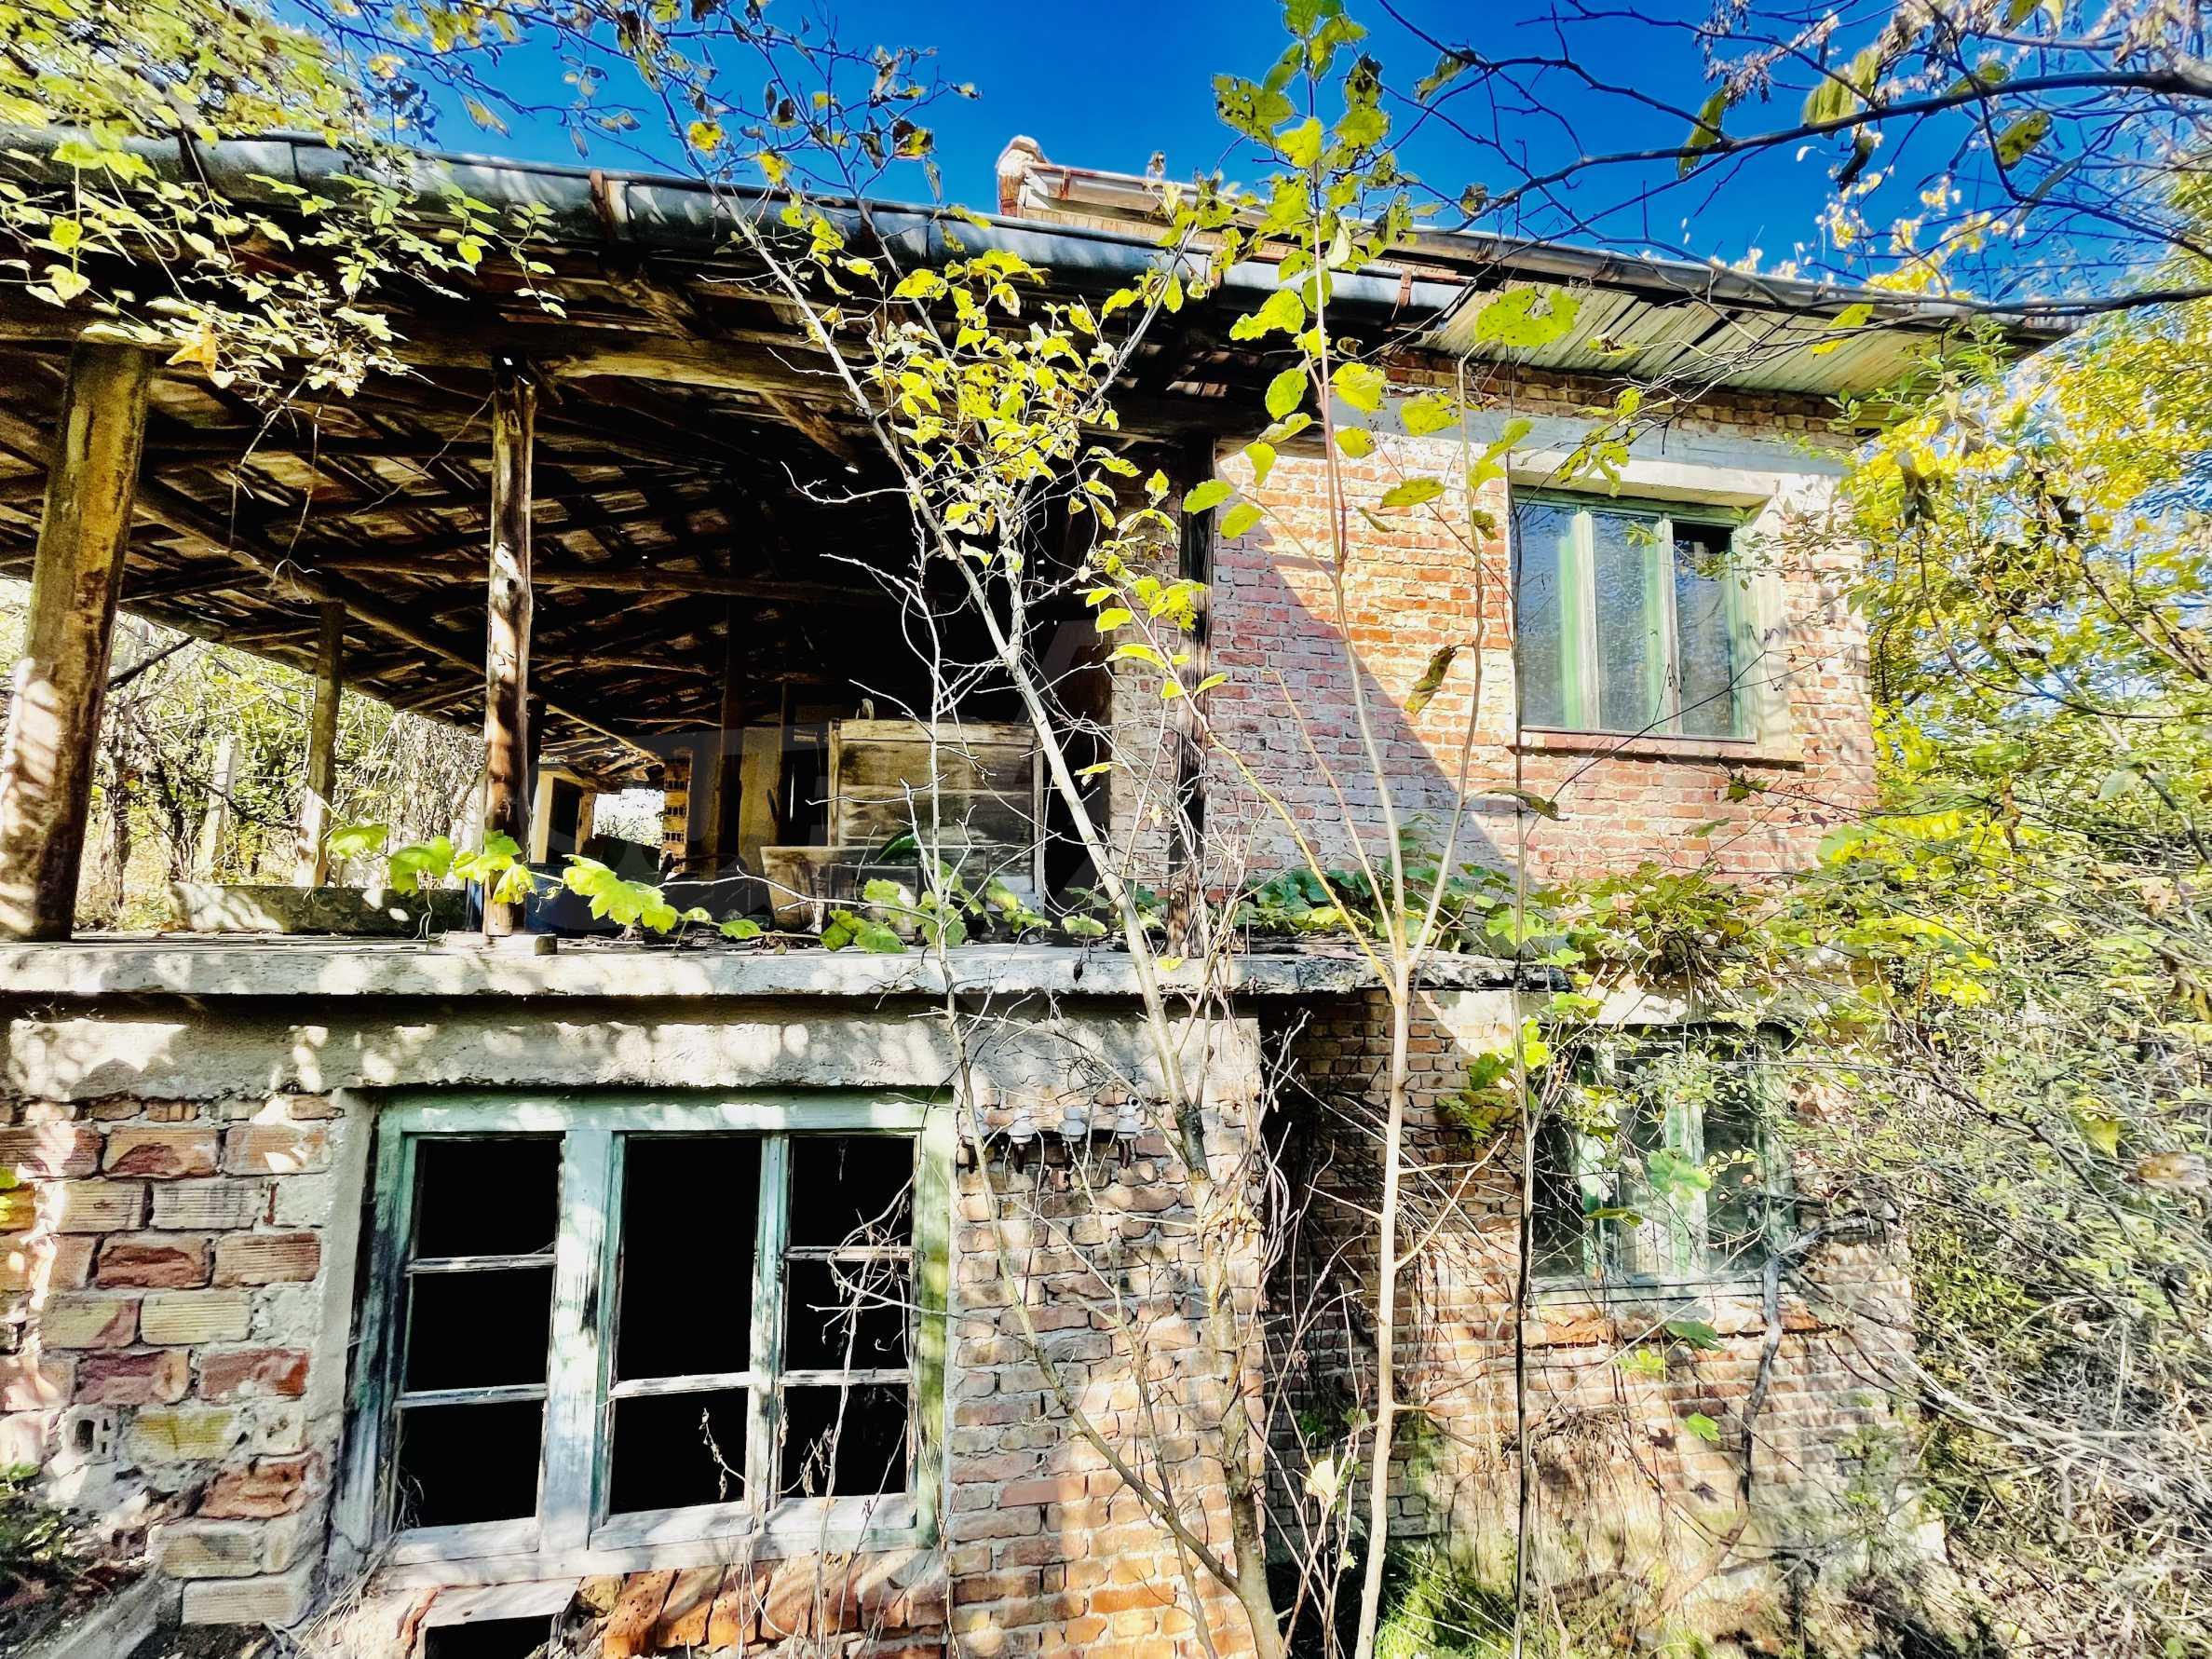 Zweistöckiges Haus in einem Dorf mit Mineralquellen und Fluss 1